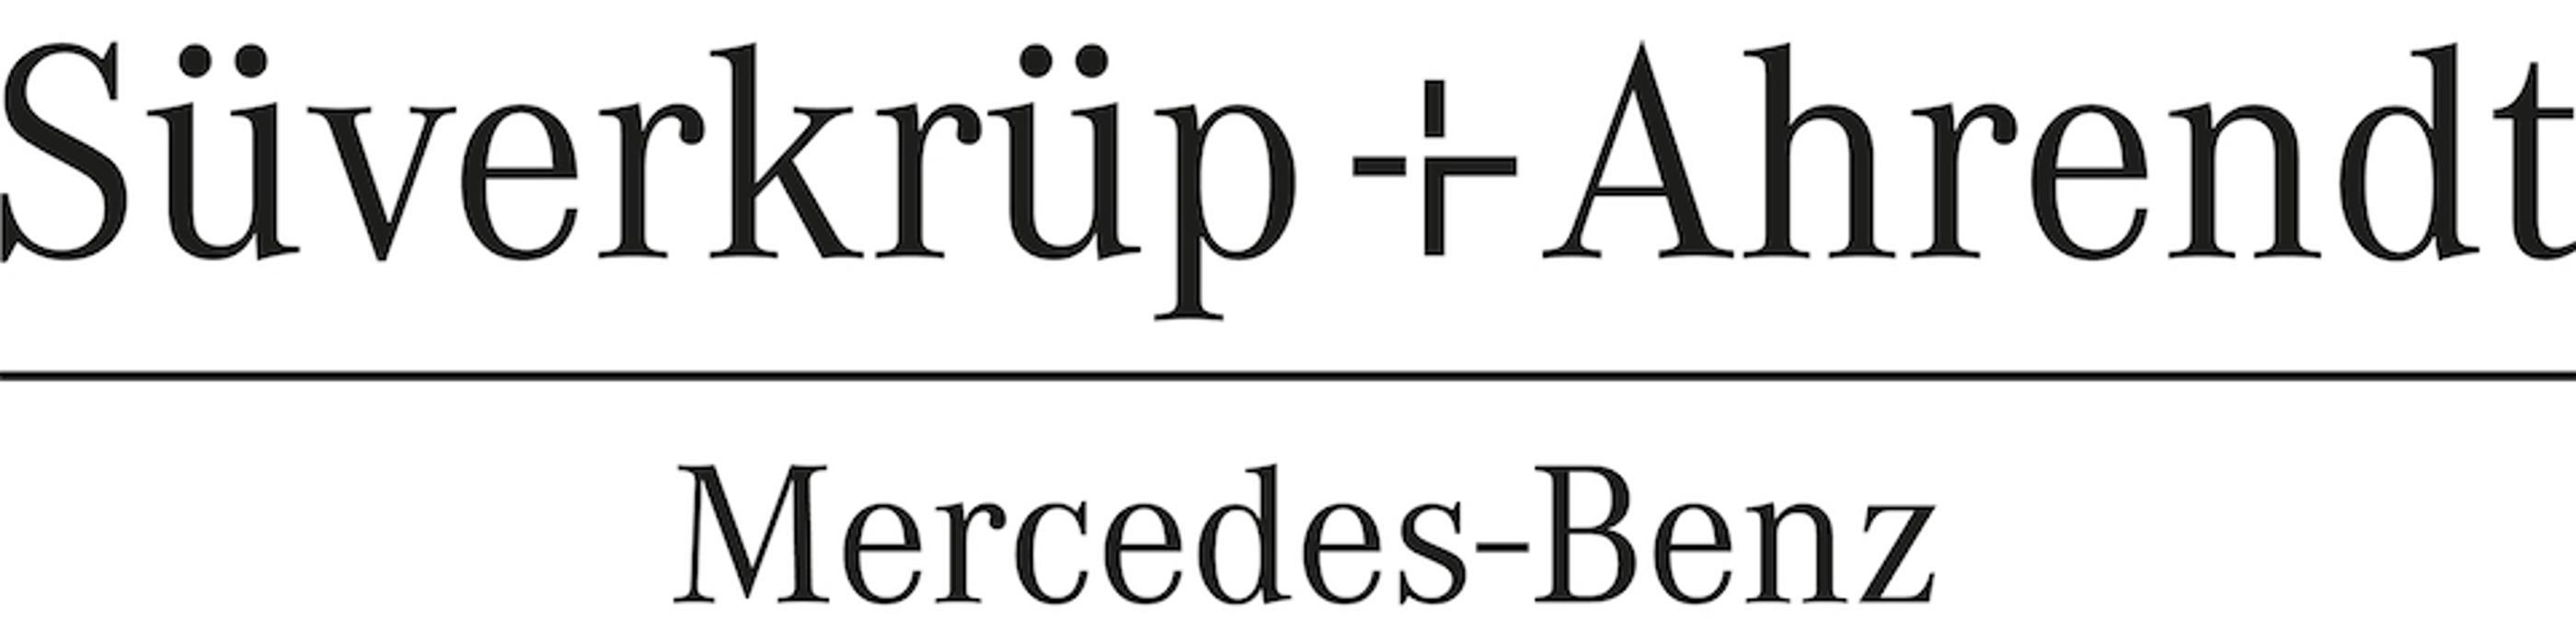 Logo von Mercedes-Benz Süverkrüp+Ahrendt - Eutin